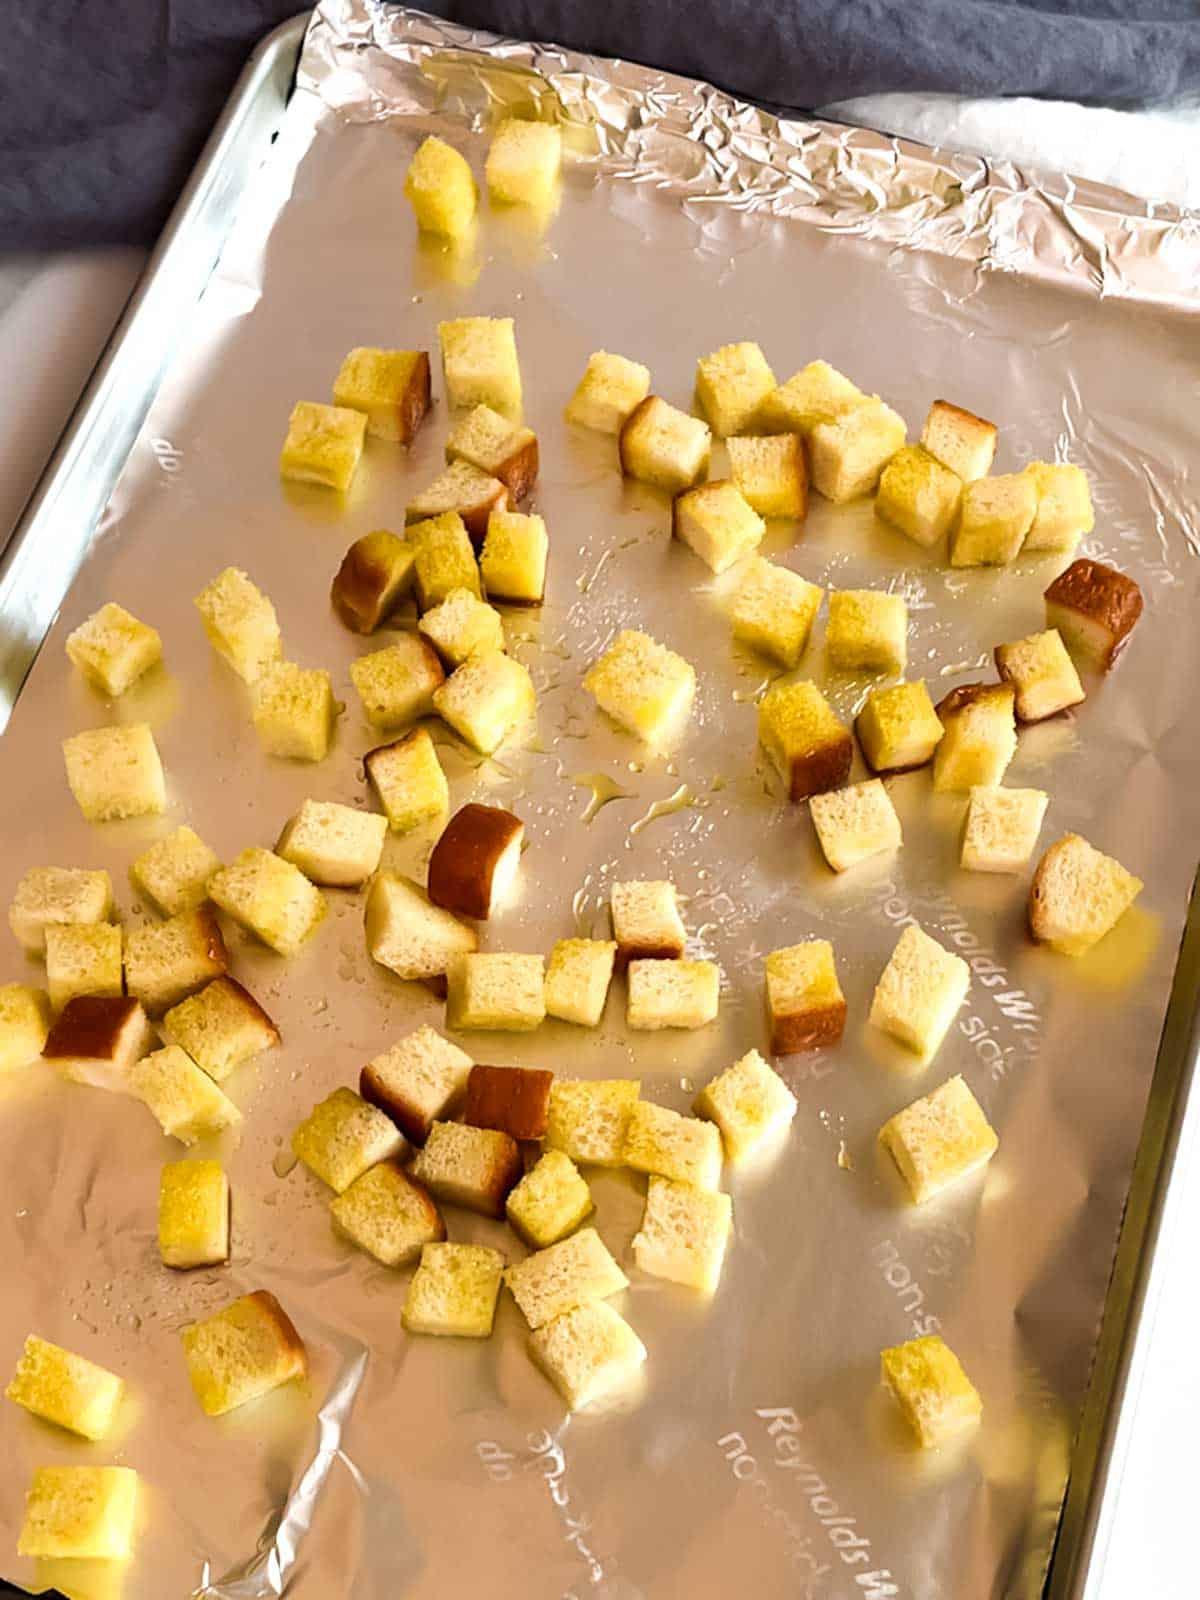 Croutons on baking sheet